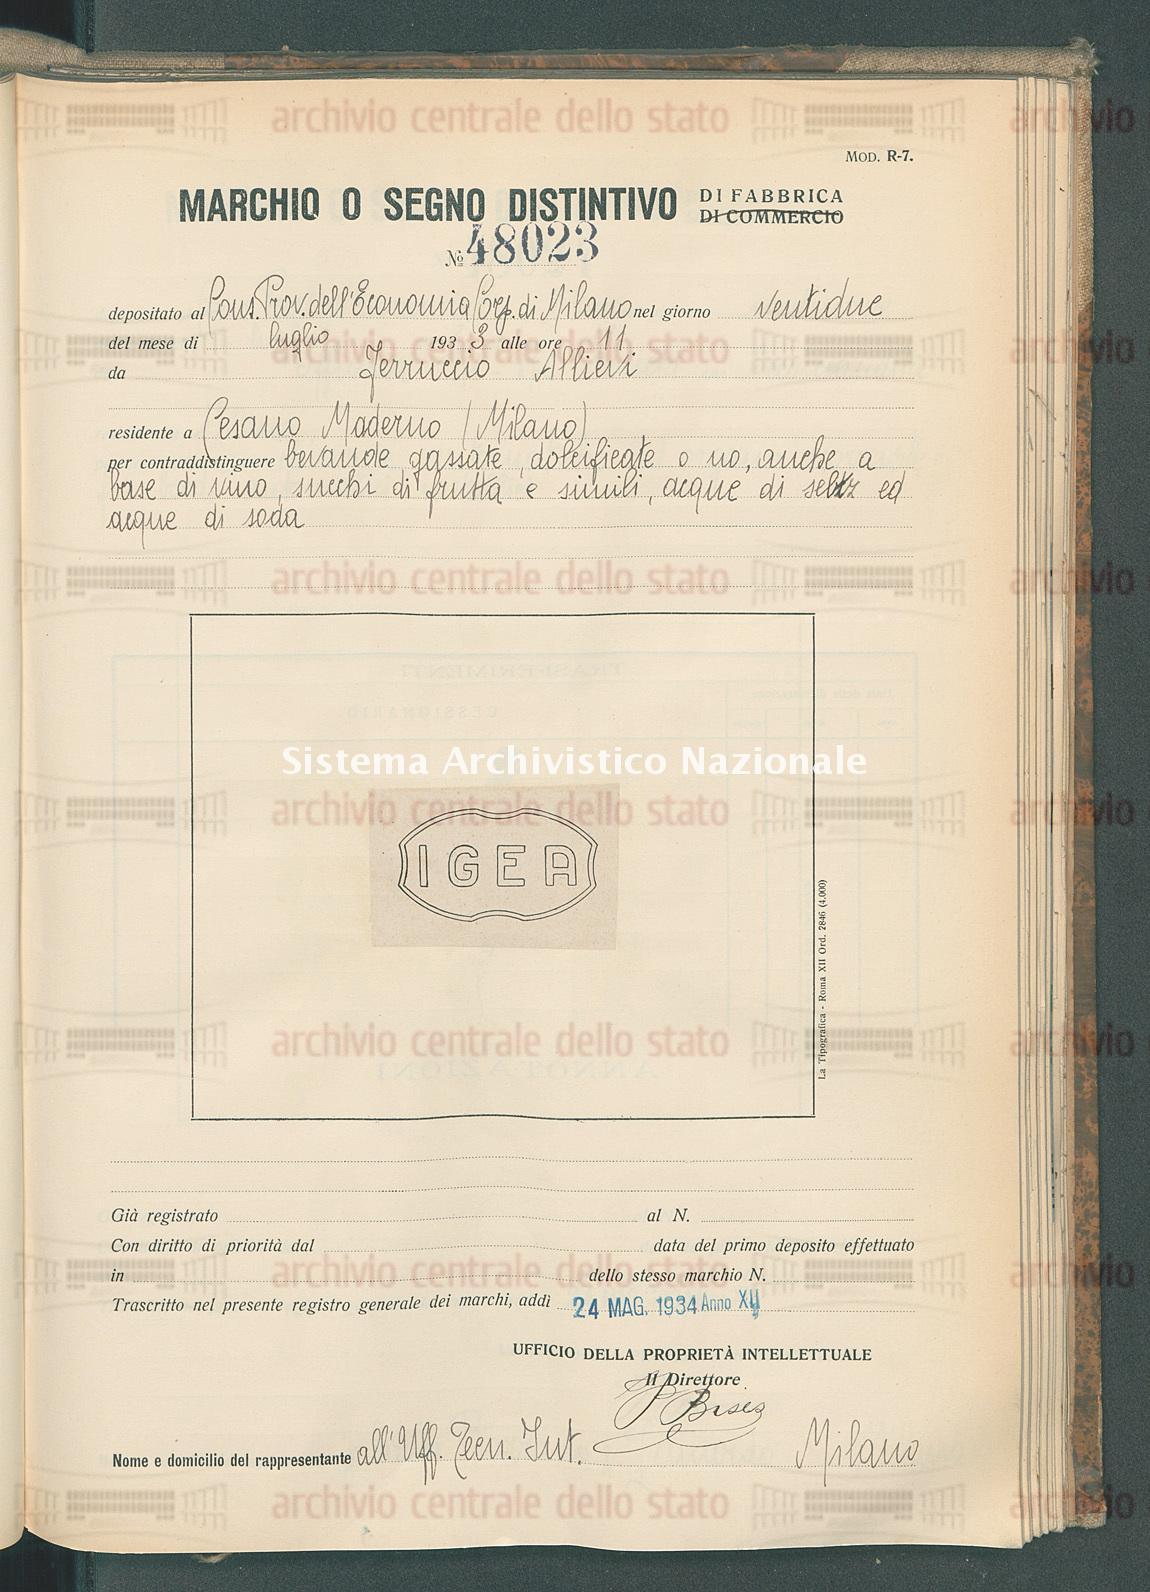 Bevande gassate dolcificate o no ecc. Ferruccio Allievi (24/05/1934)